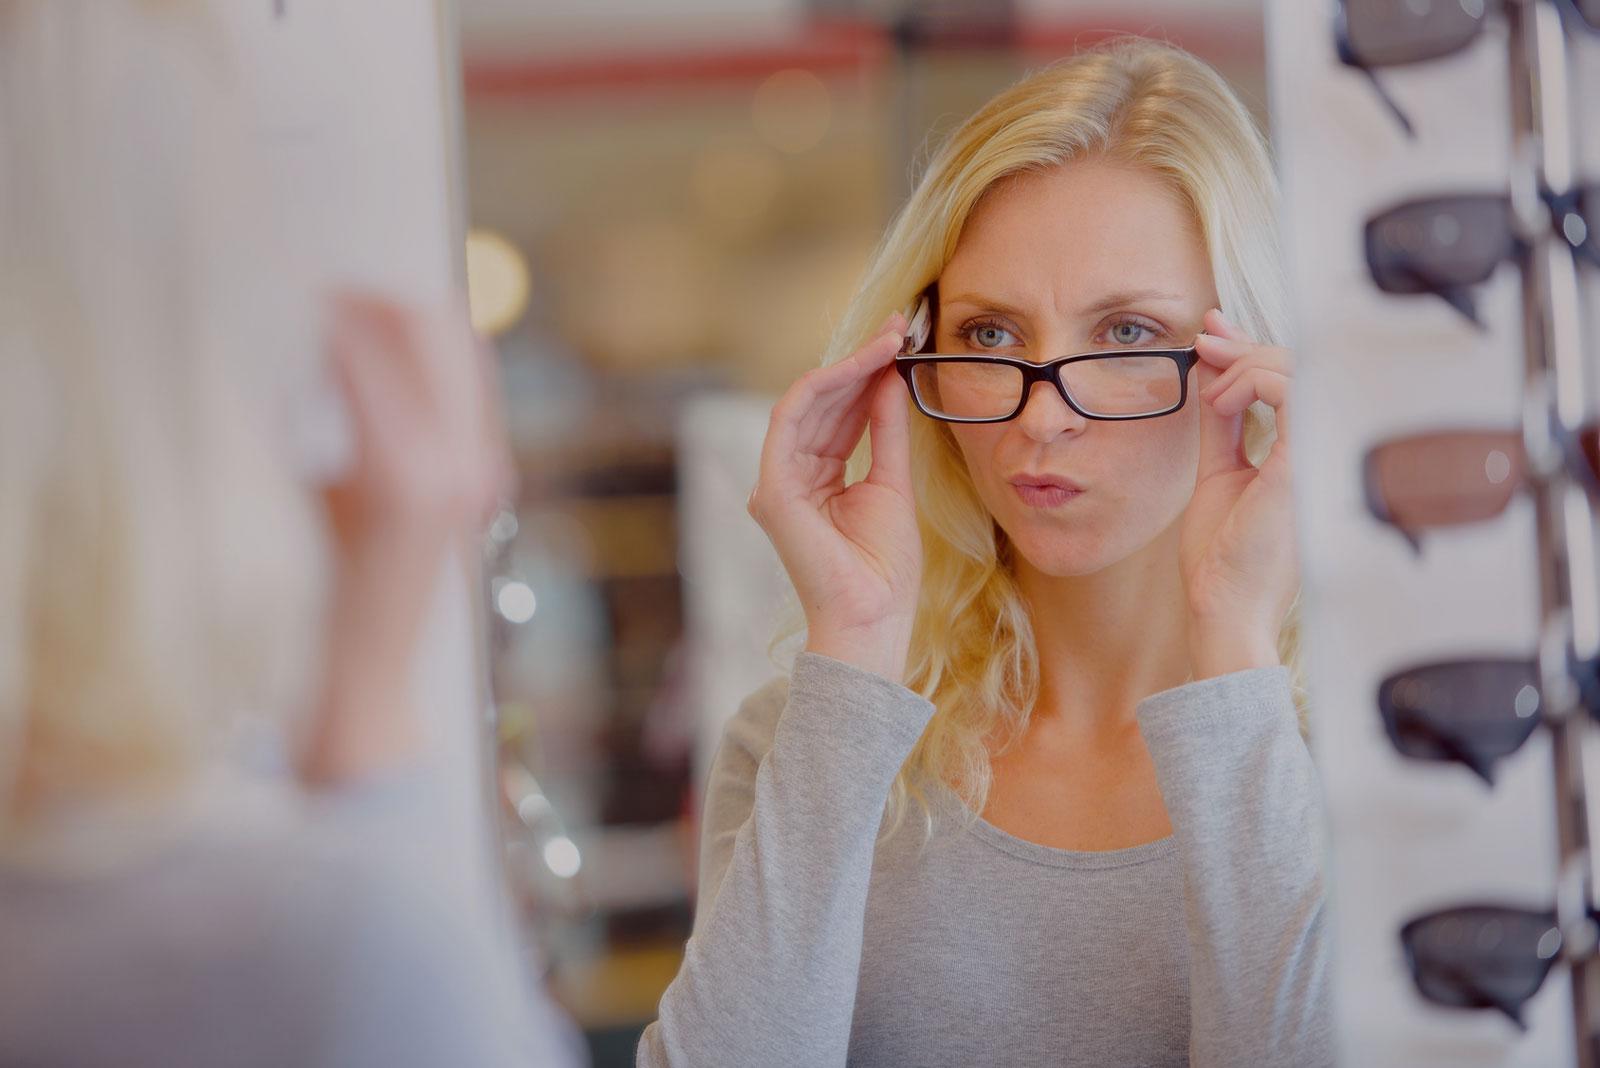 Brýle jako zdravotní pomůcka i módní doplněk